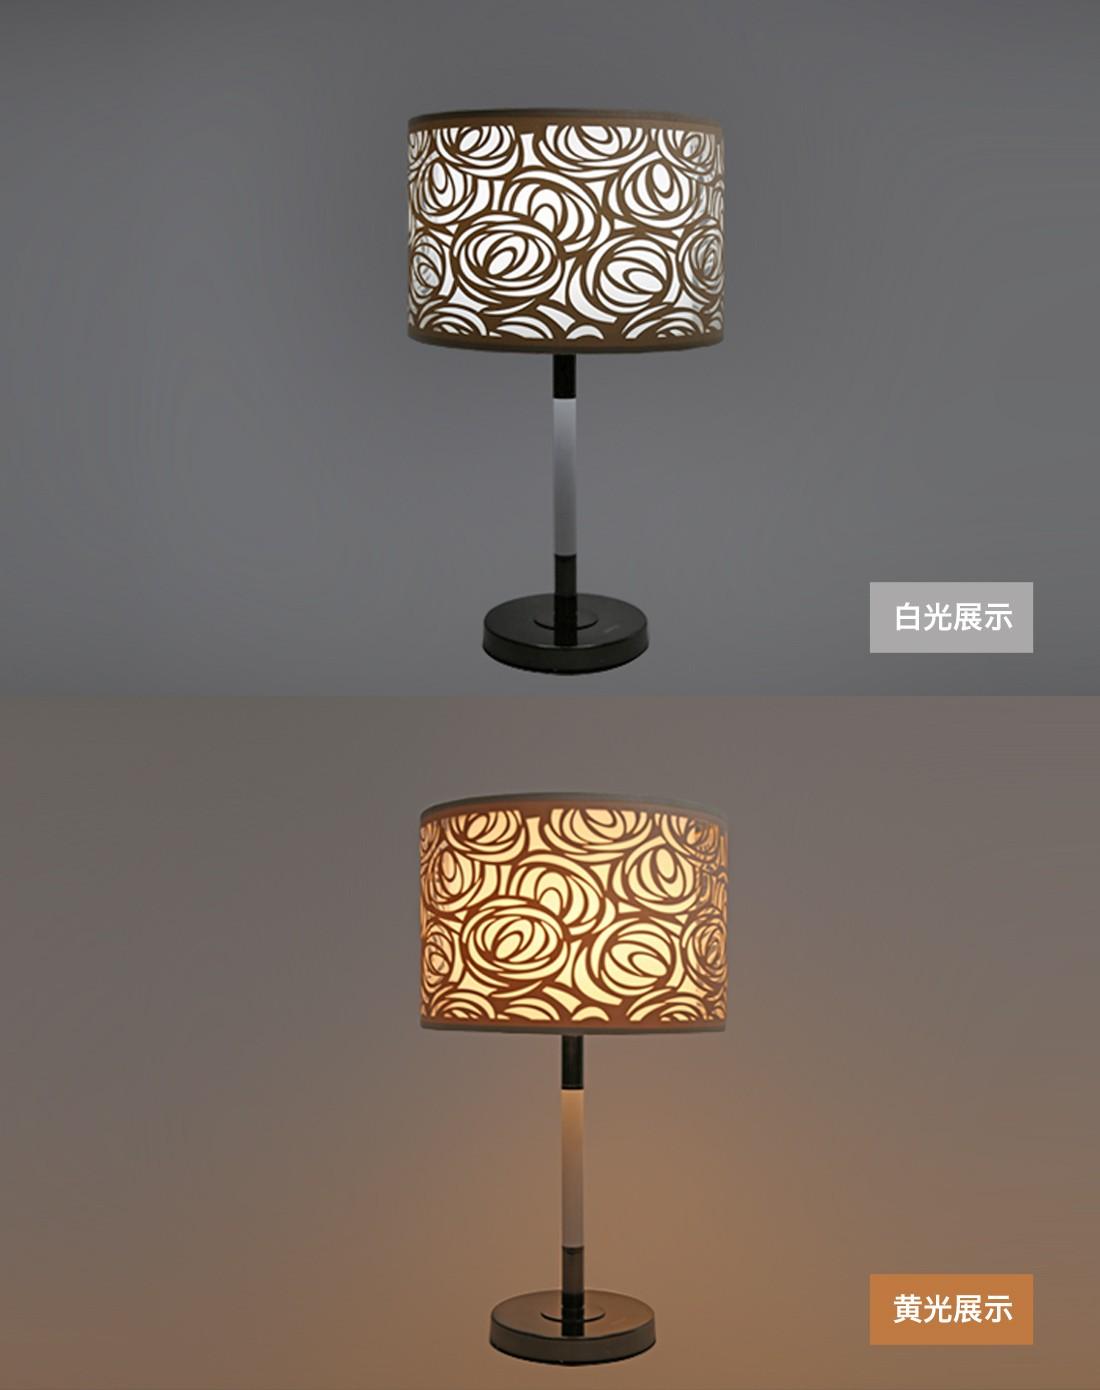 欧式床头台灯装饰灯rose